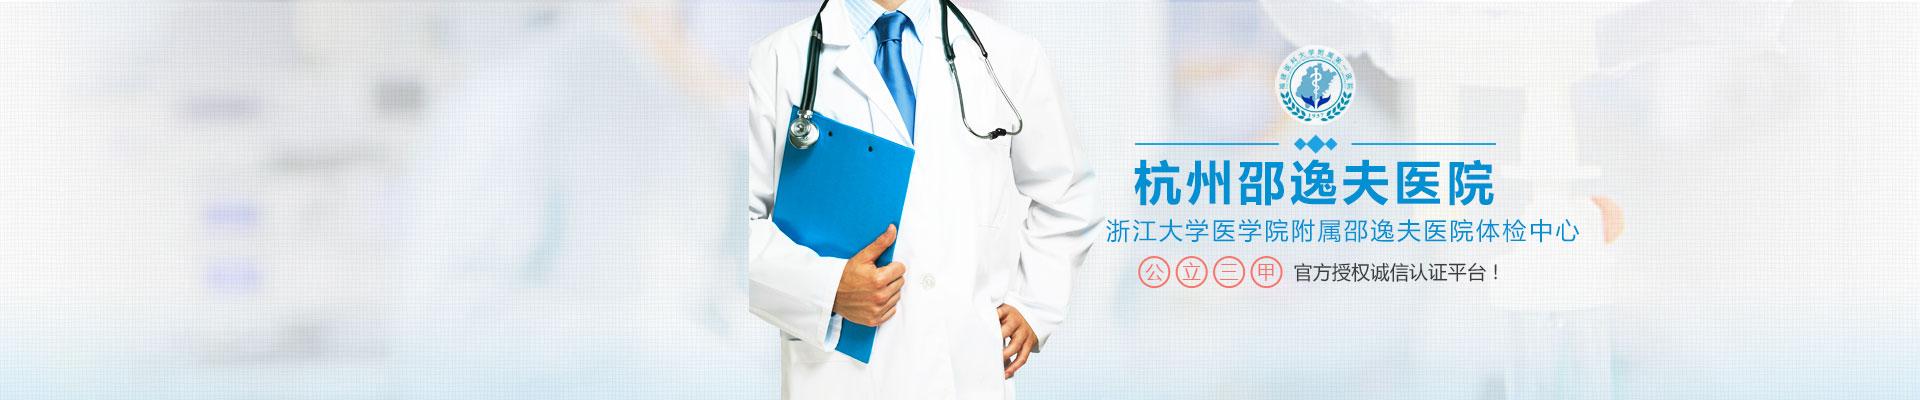 杭州邵逸夫医院(浙江大学医学院附属邵逸夫医院)体检中心